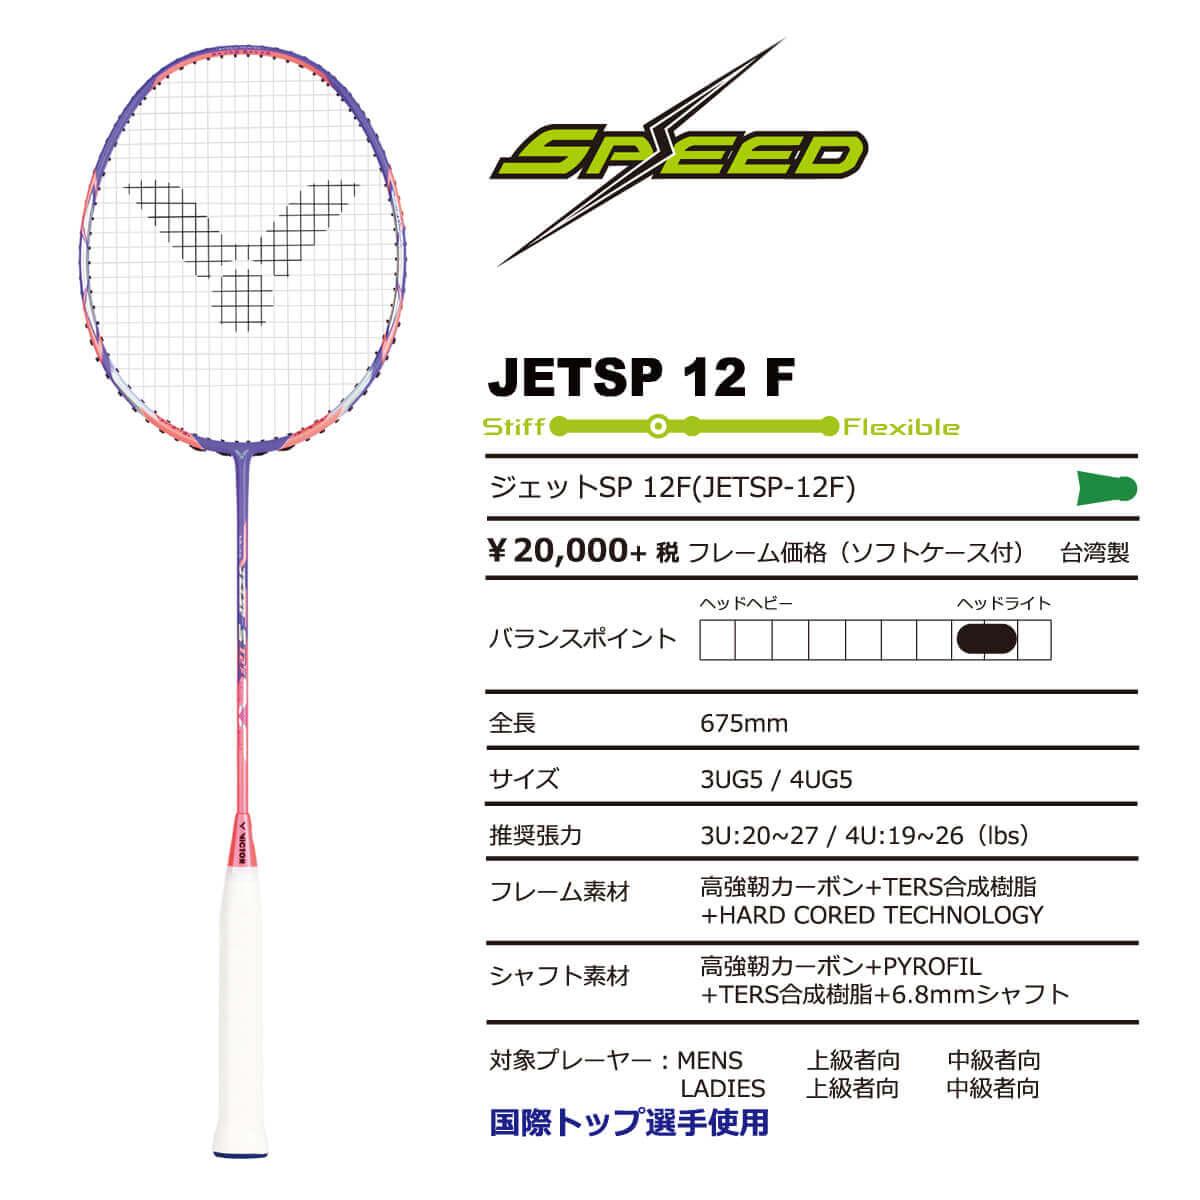 VICTOR JETSP 12F ジェットSP バドミントンラケット ビクター【日本バドミントン協会審査合格品/ ガット張り工賃無料/ 取り寄せ】